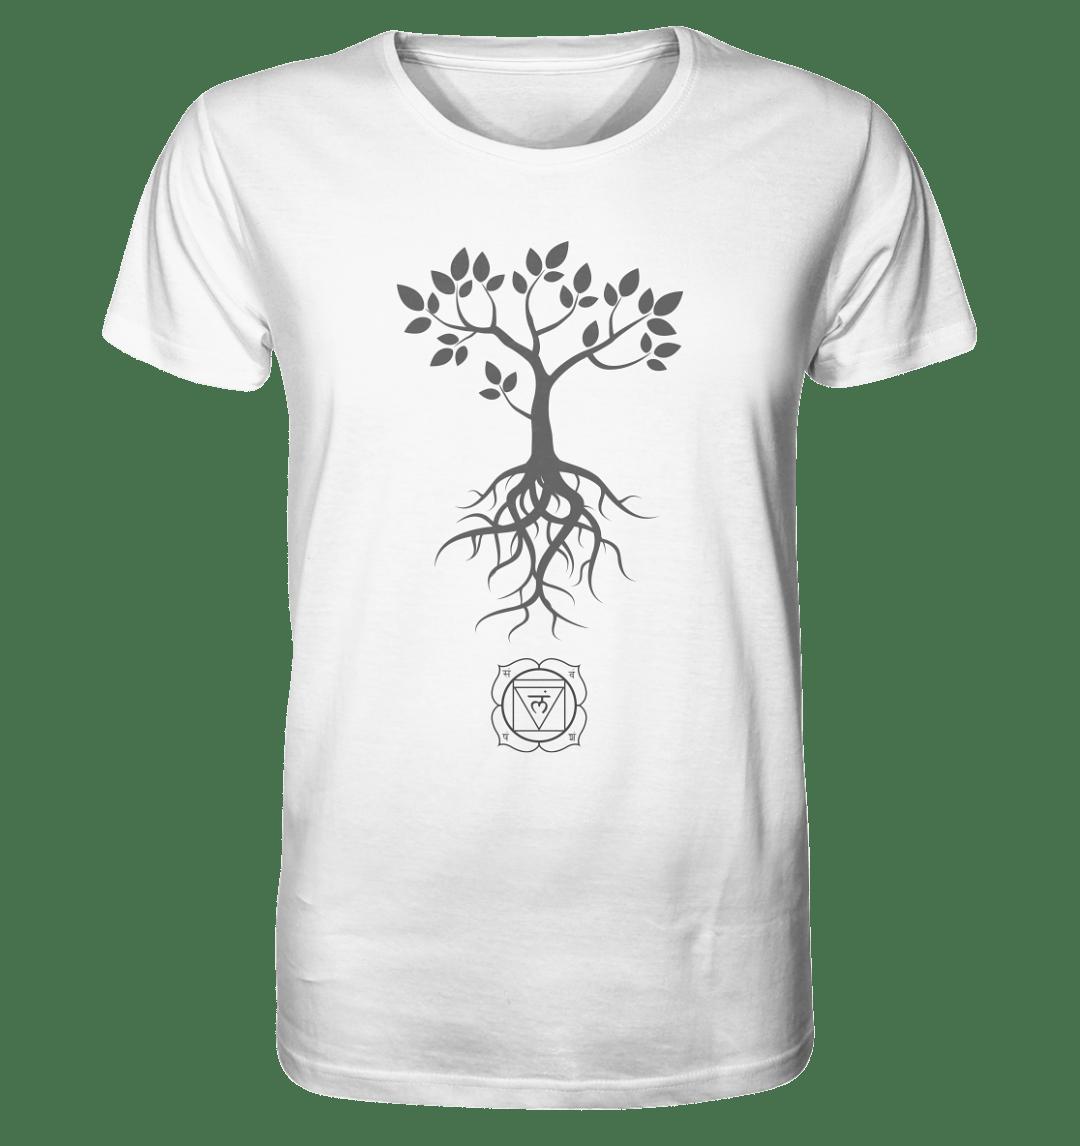 Wurzelchakra Motiv auf einem bio baumwoll Herren Shirt